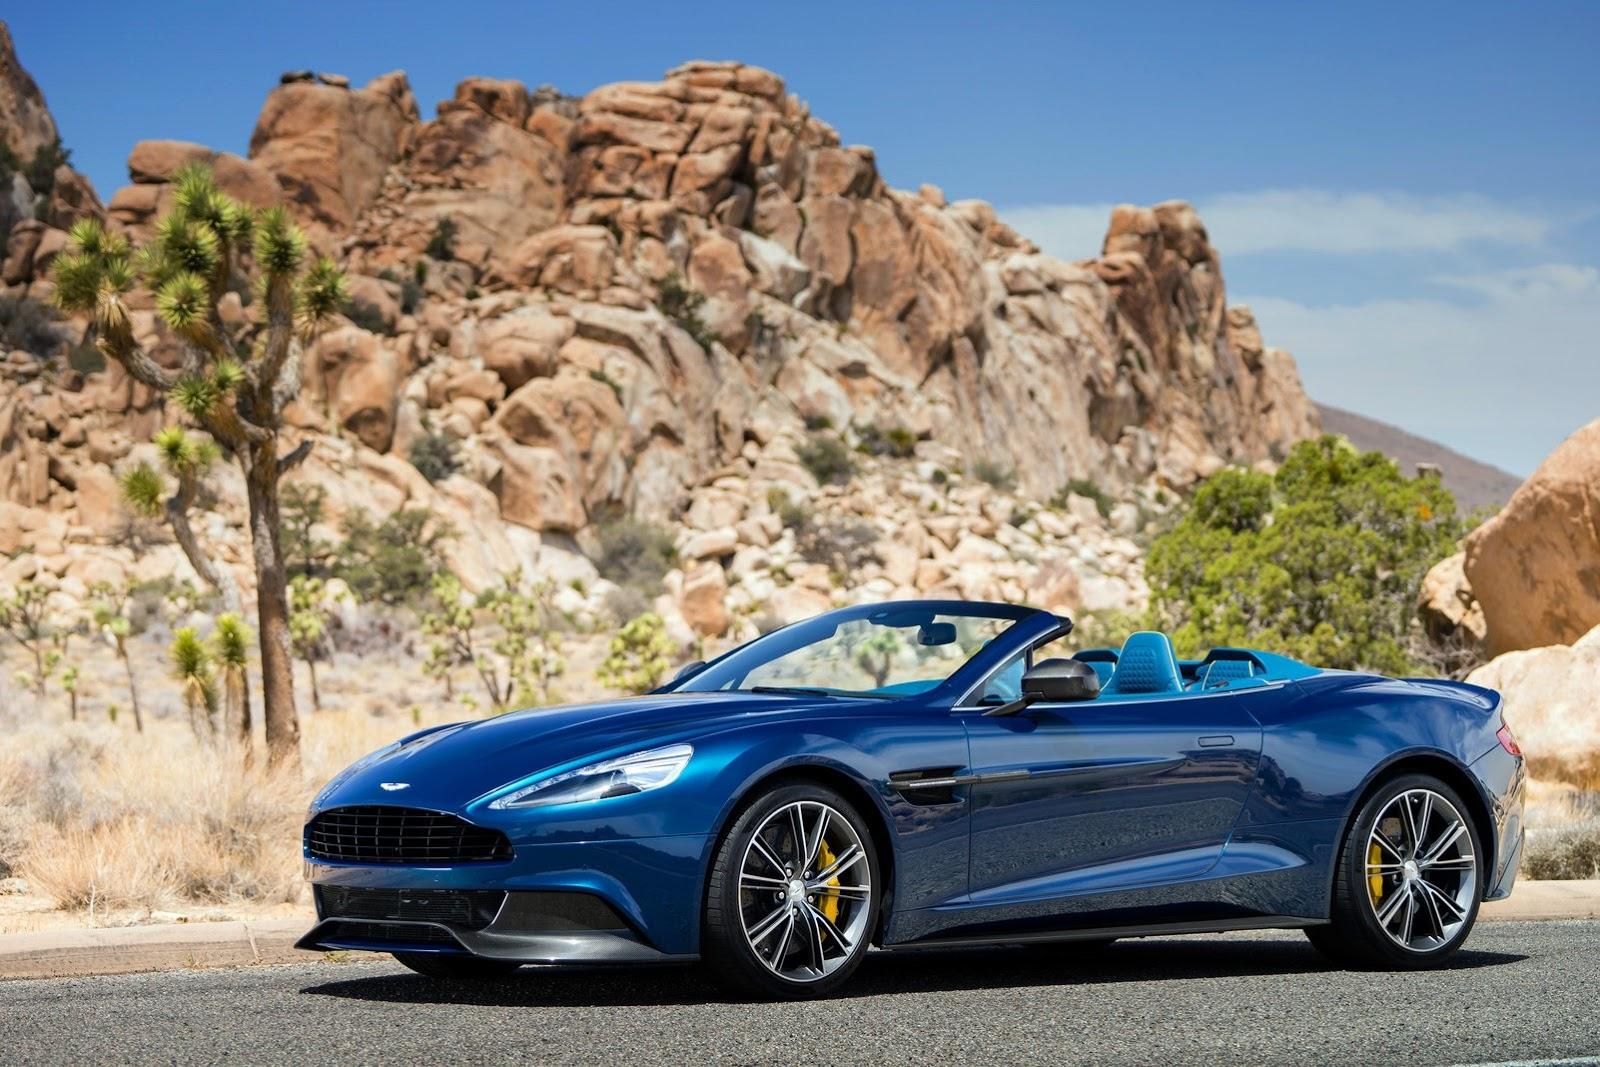 Aston Martin Vanquish Volante Unveiled Autoevolution - Aston martin vanquish volante